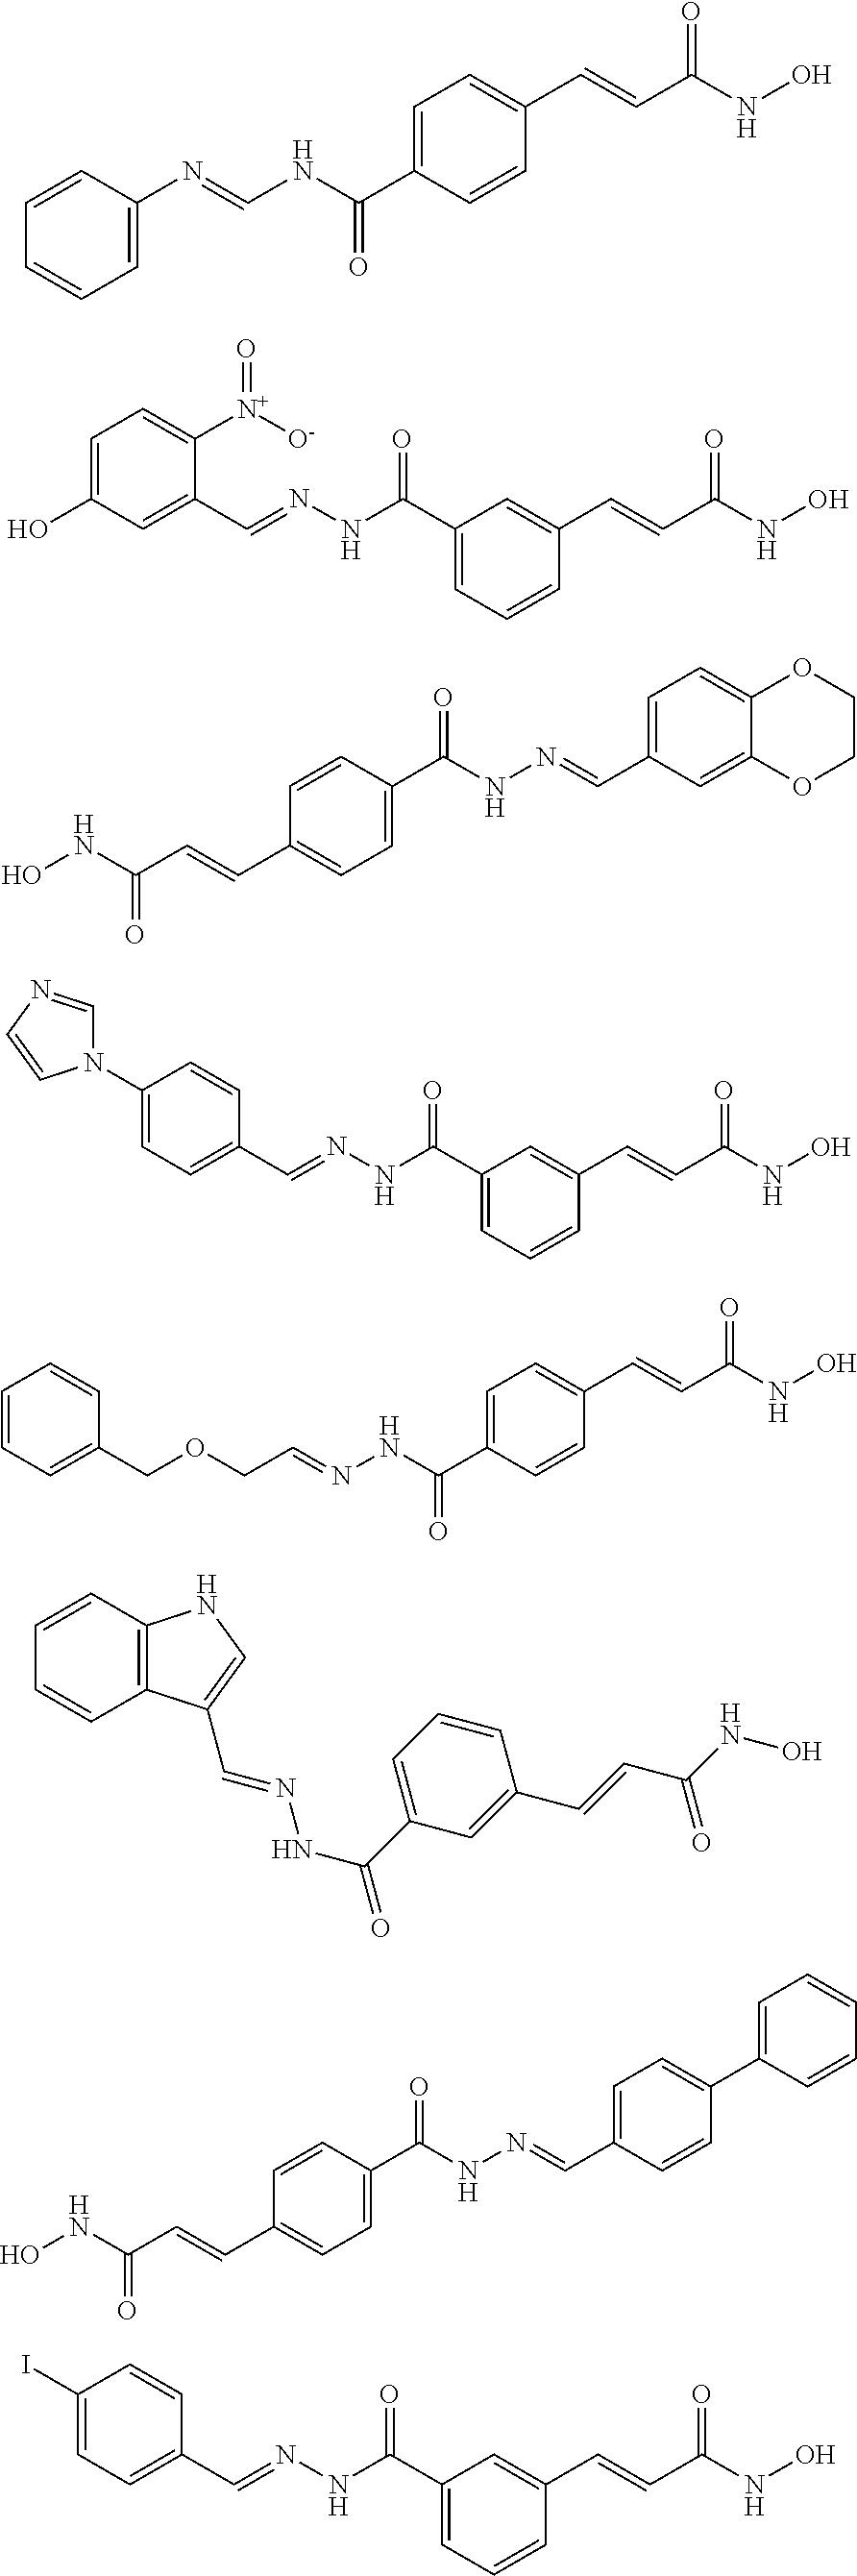 Figure US09540317-20170110-C00061